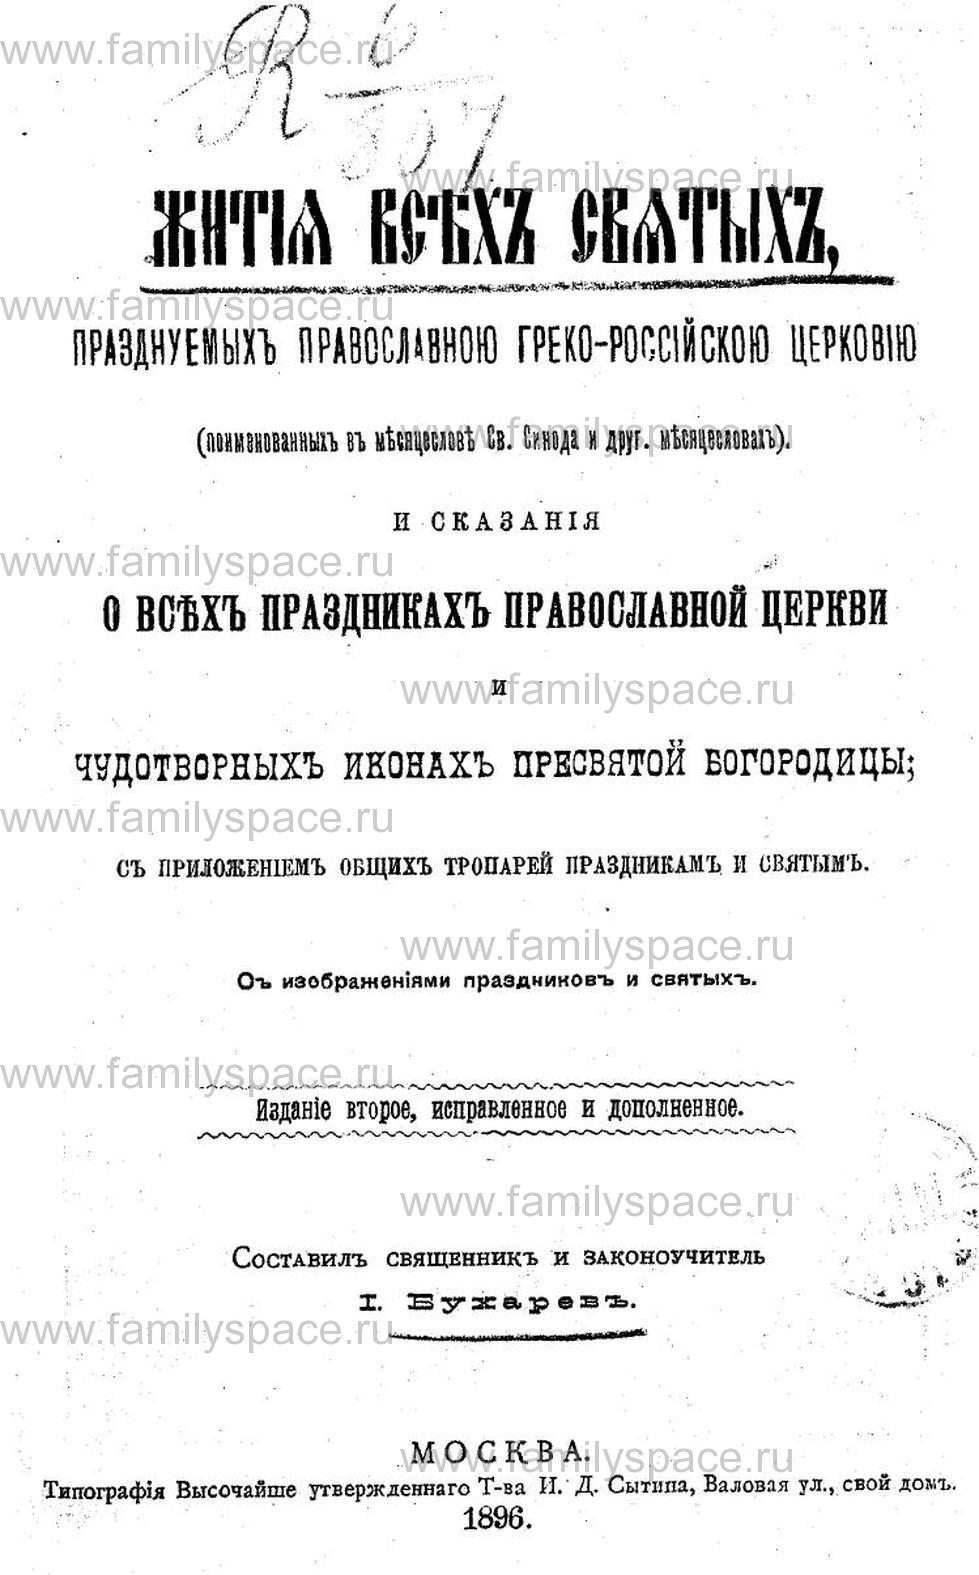 Поиск по фамилии - Жития всех святых, 1896 г., страница 1